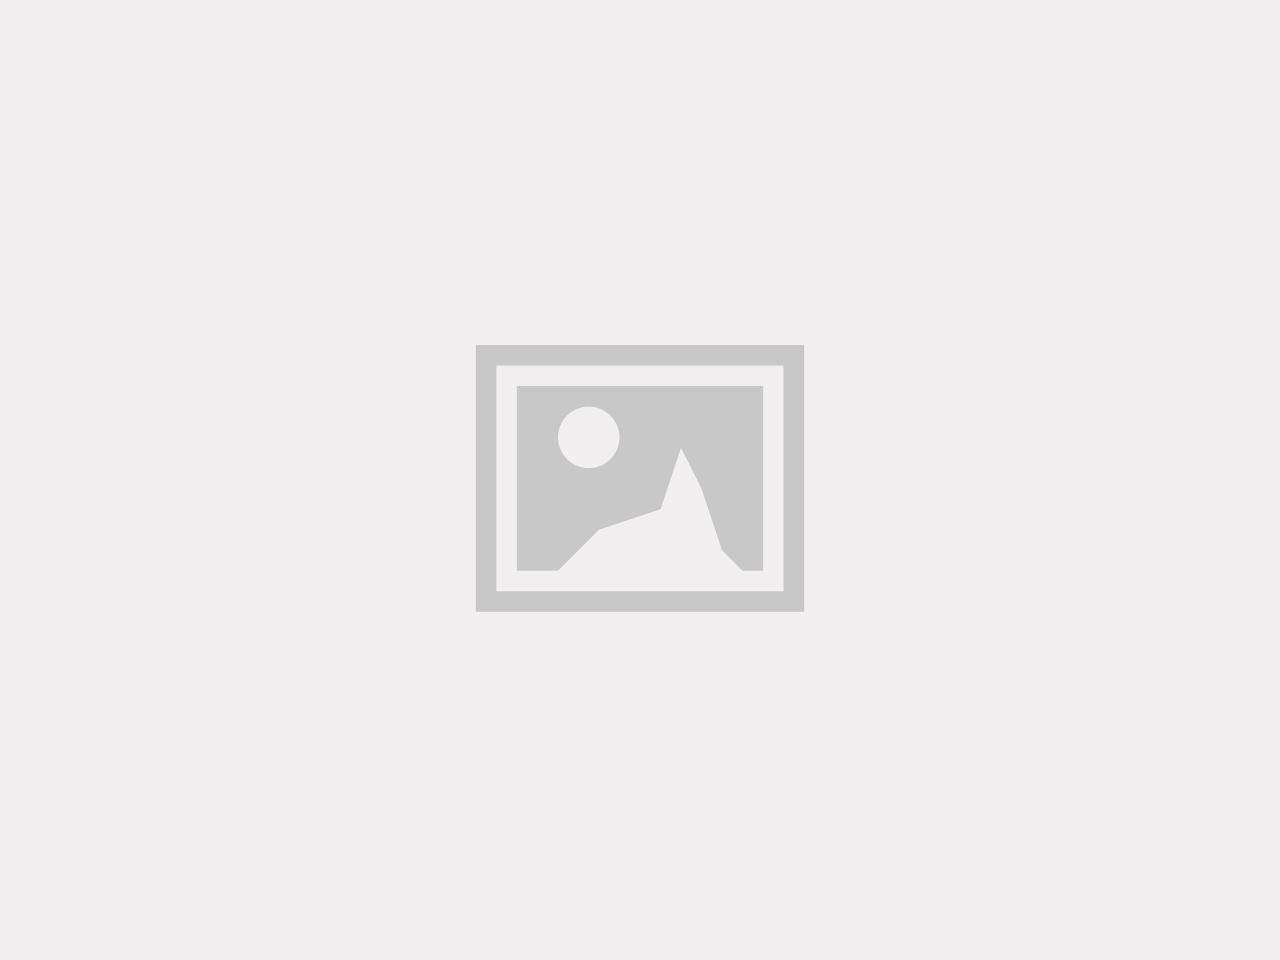 Muxlab DVI / USB2.0 HDBaseT extender kit